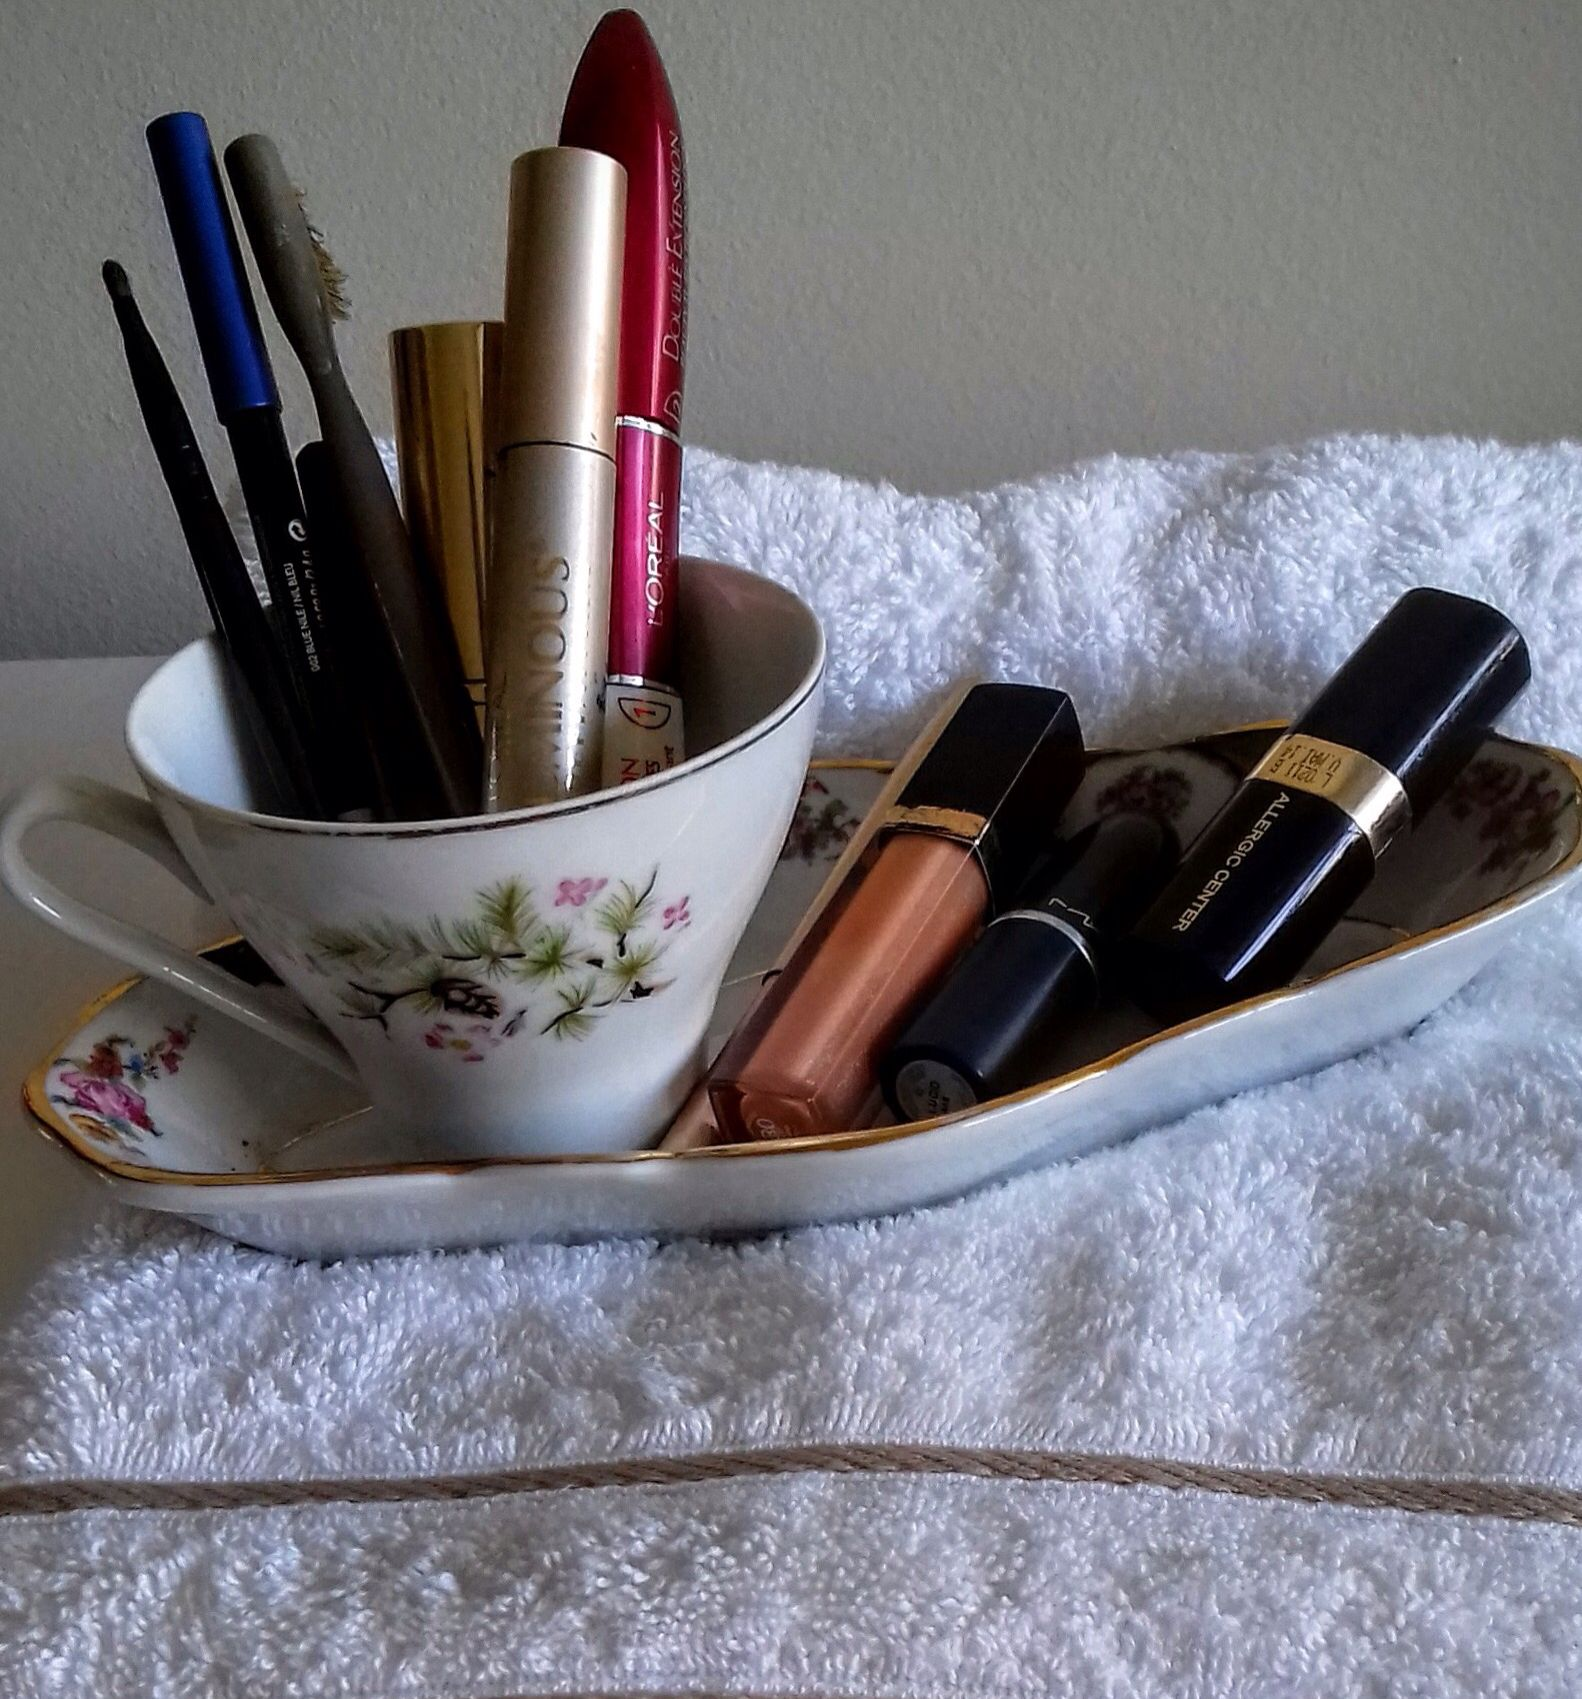 Xícara antiga usada no banheiro para maquiagens de uso diário